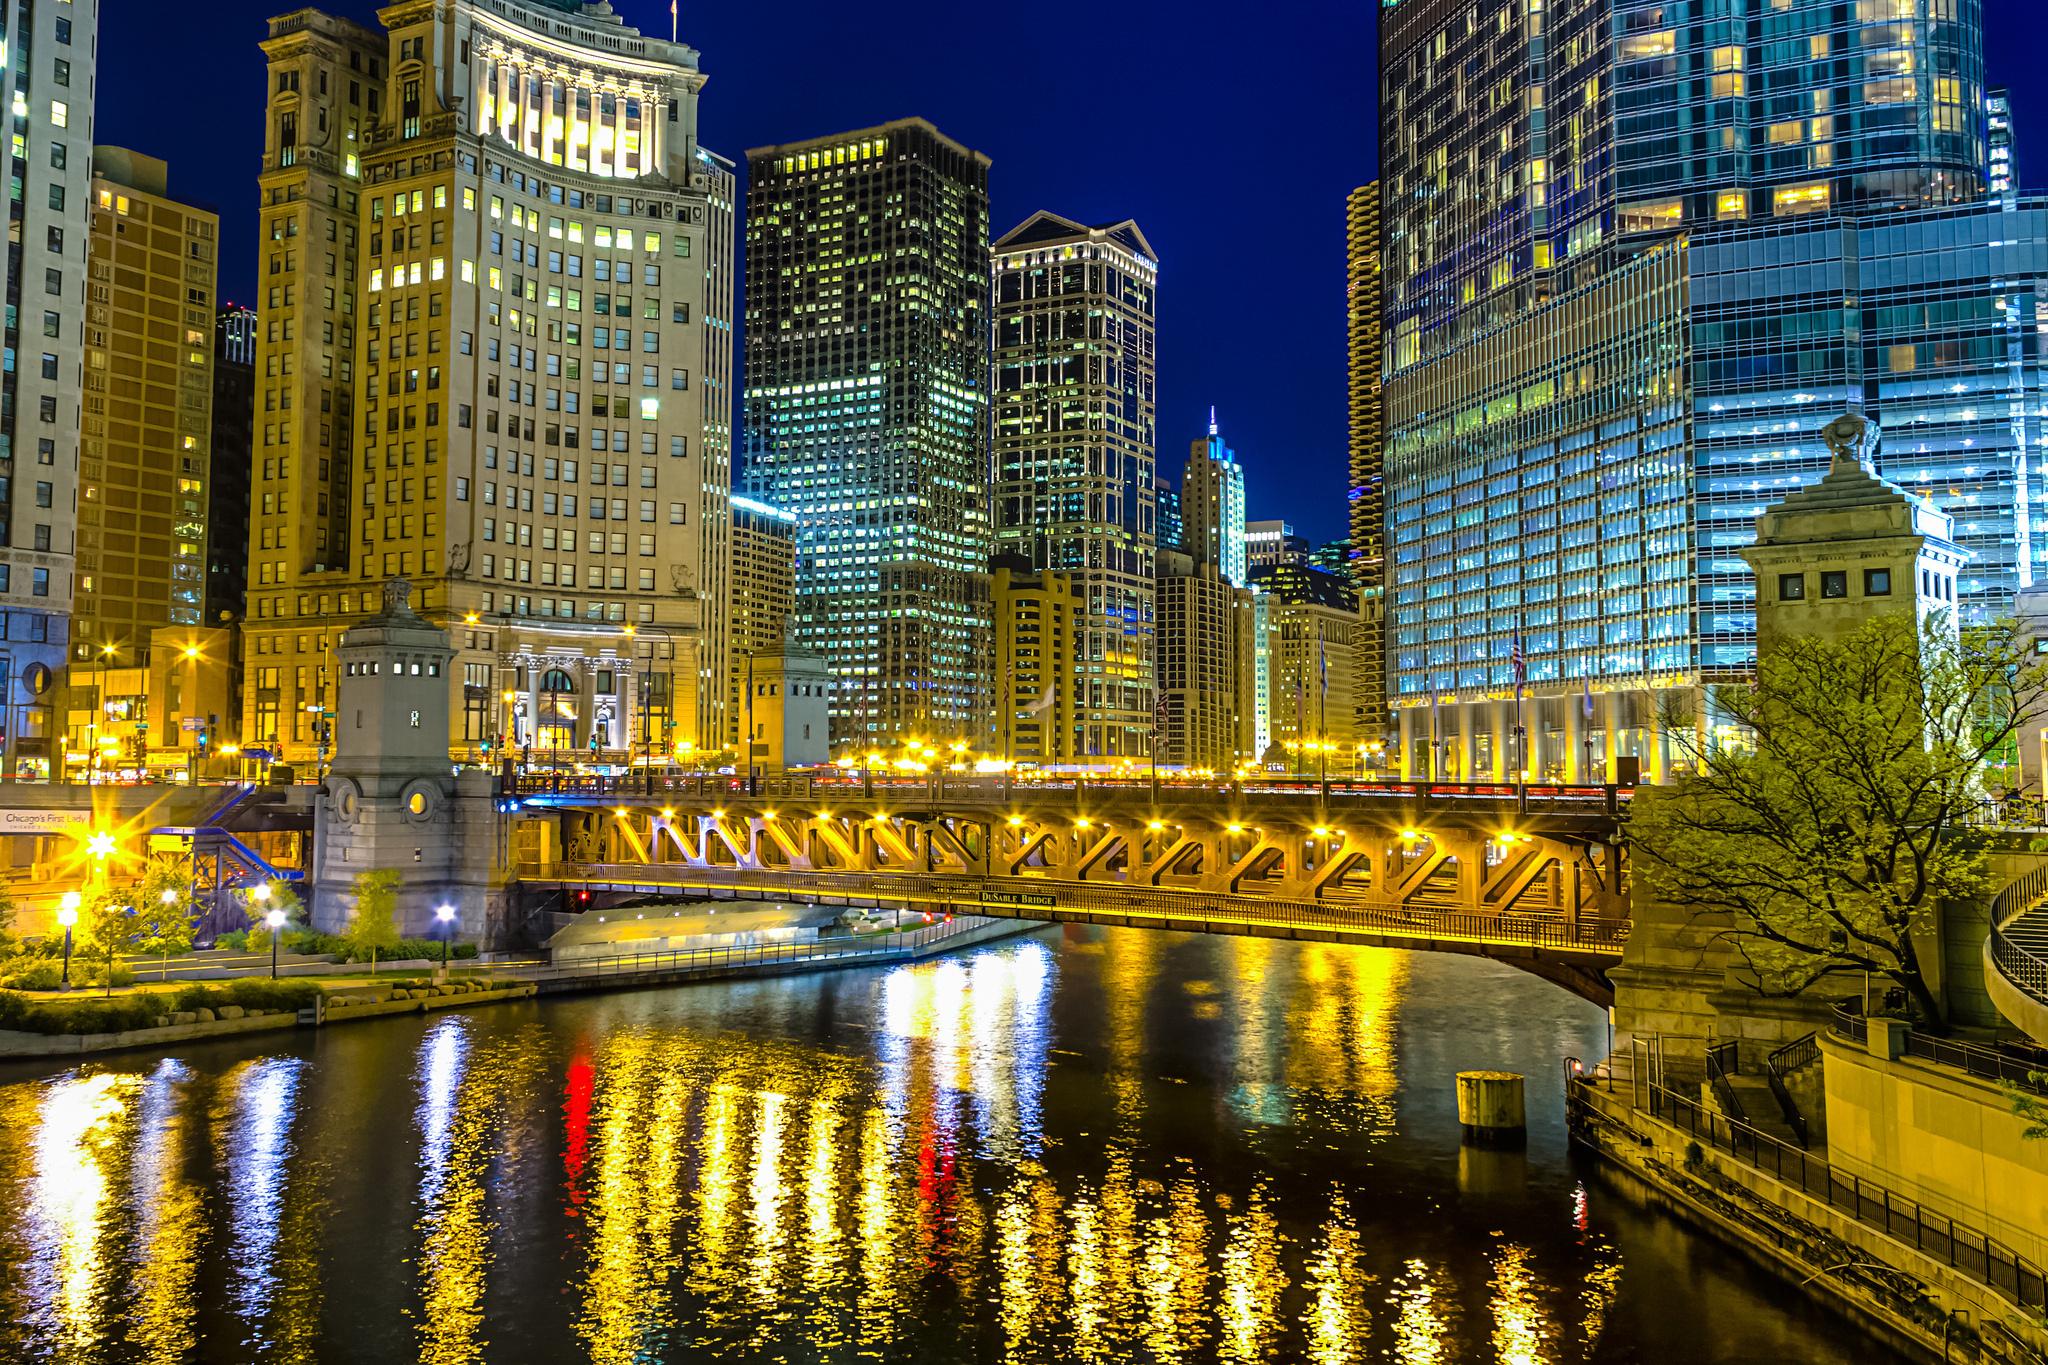 город ночь освещение отражение  № 3927573 загрузить